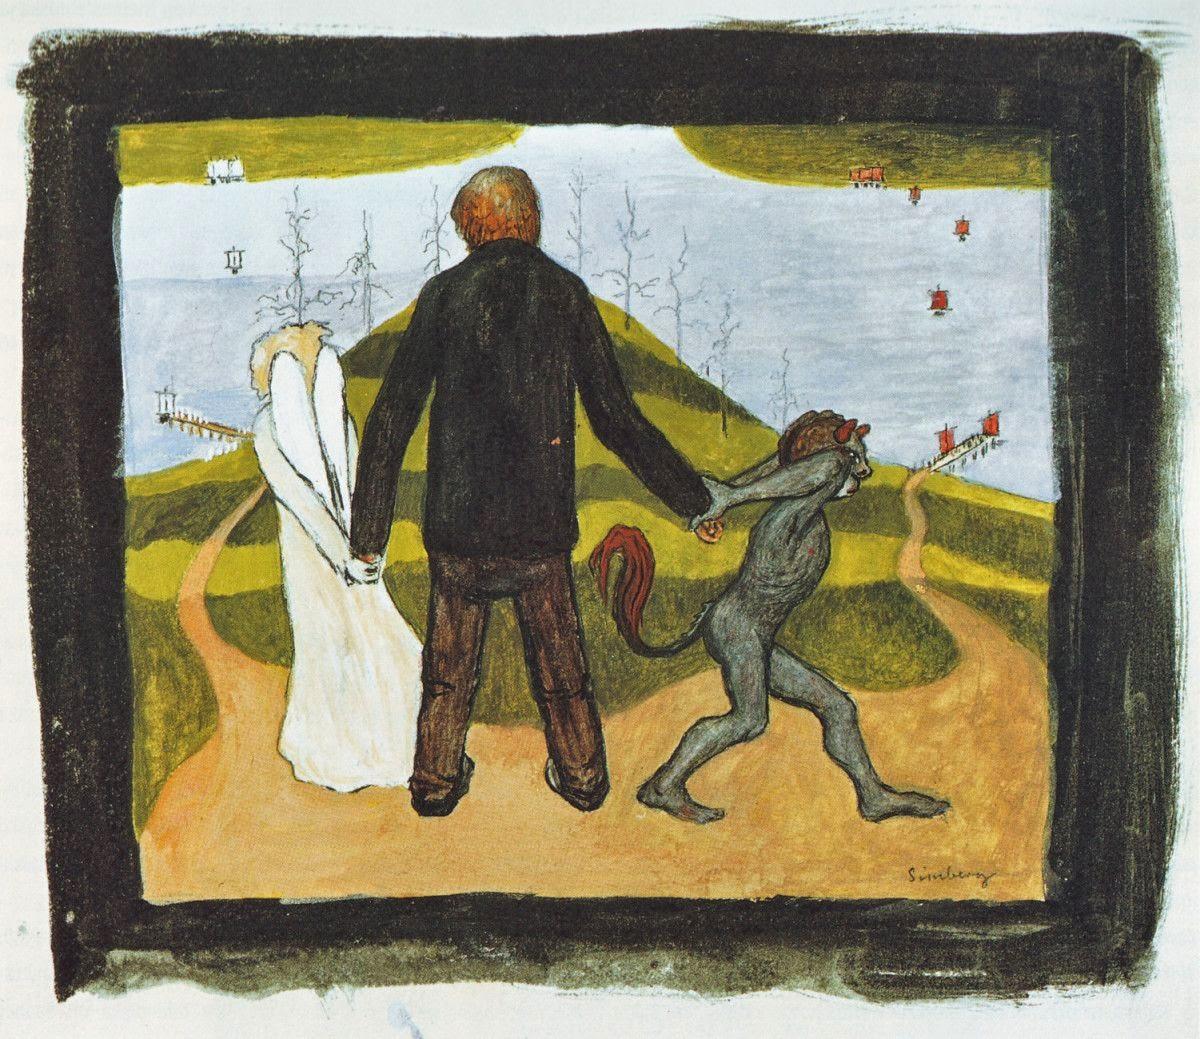 Tienhaarassa - Hugo Simberg e seus simbolismos ~ O artista ansiava por solidão e paz